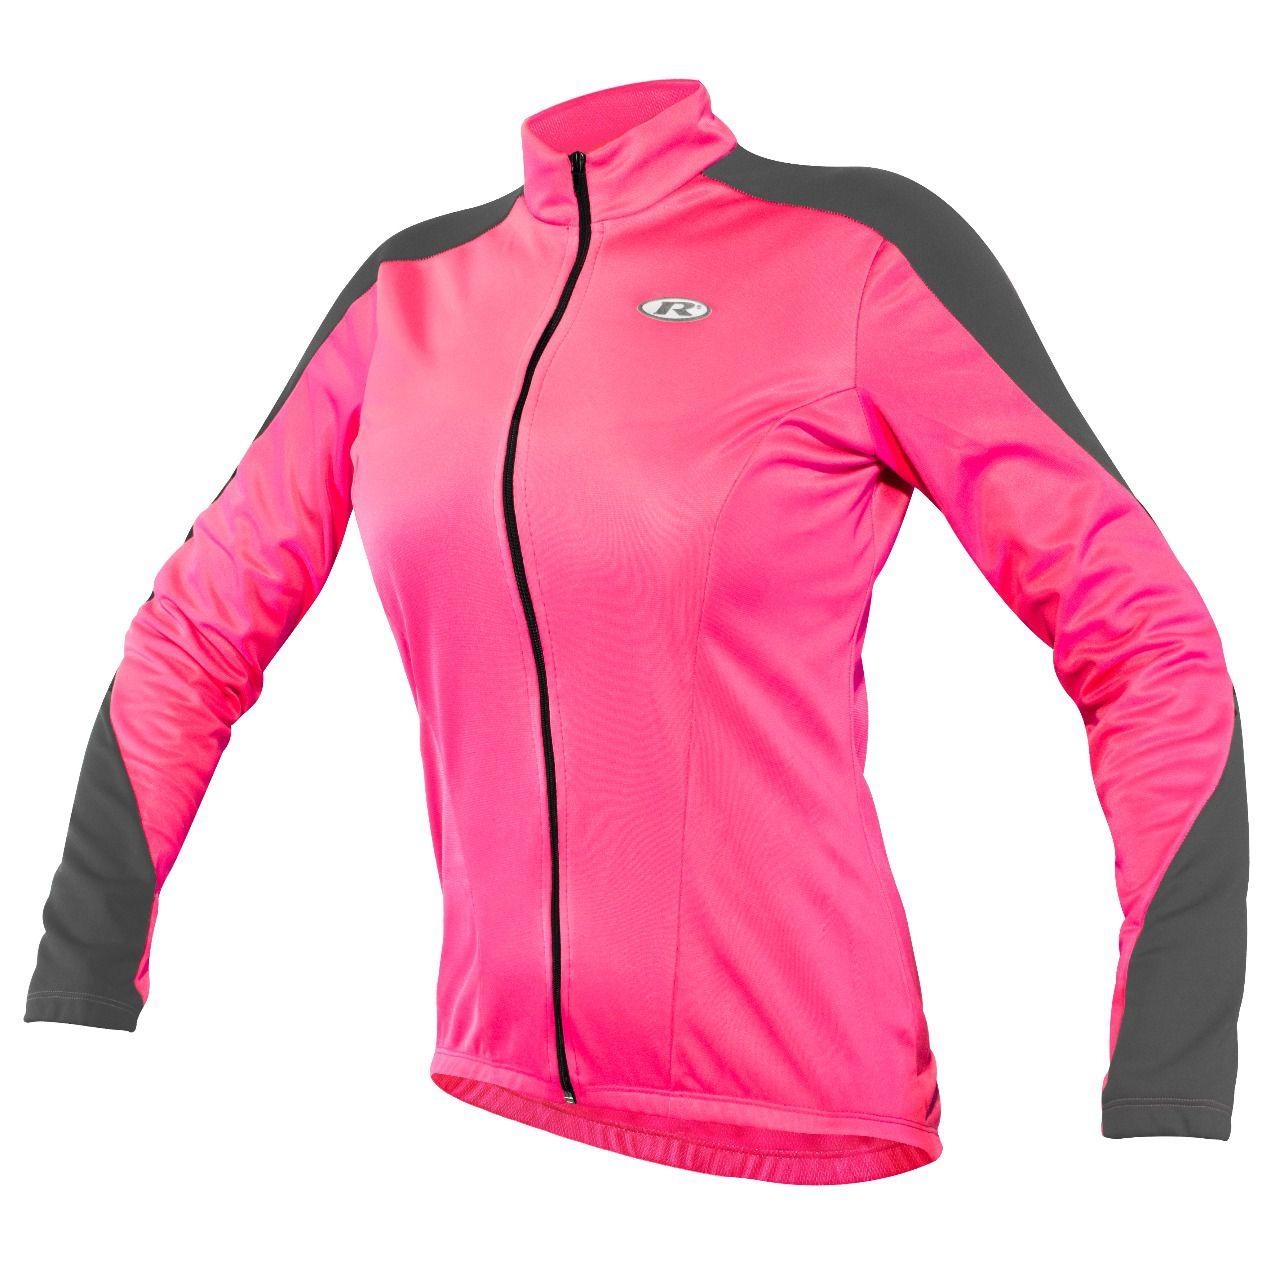 Jaqueta Ciclismo Feminina Rosa 4.2 - Refactor